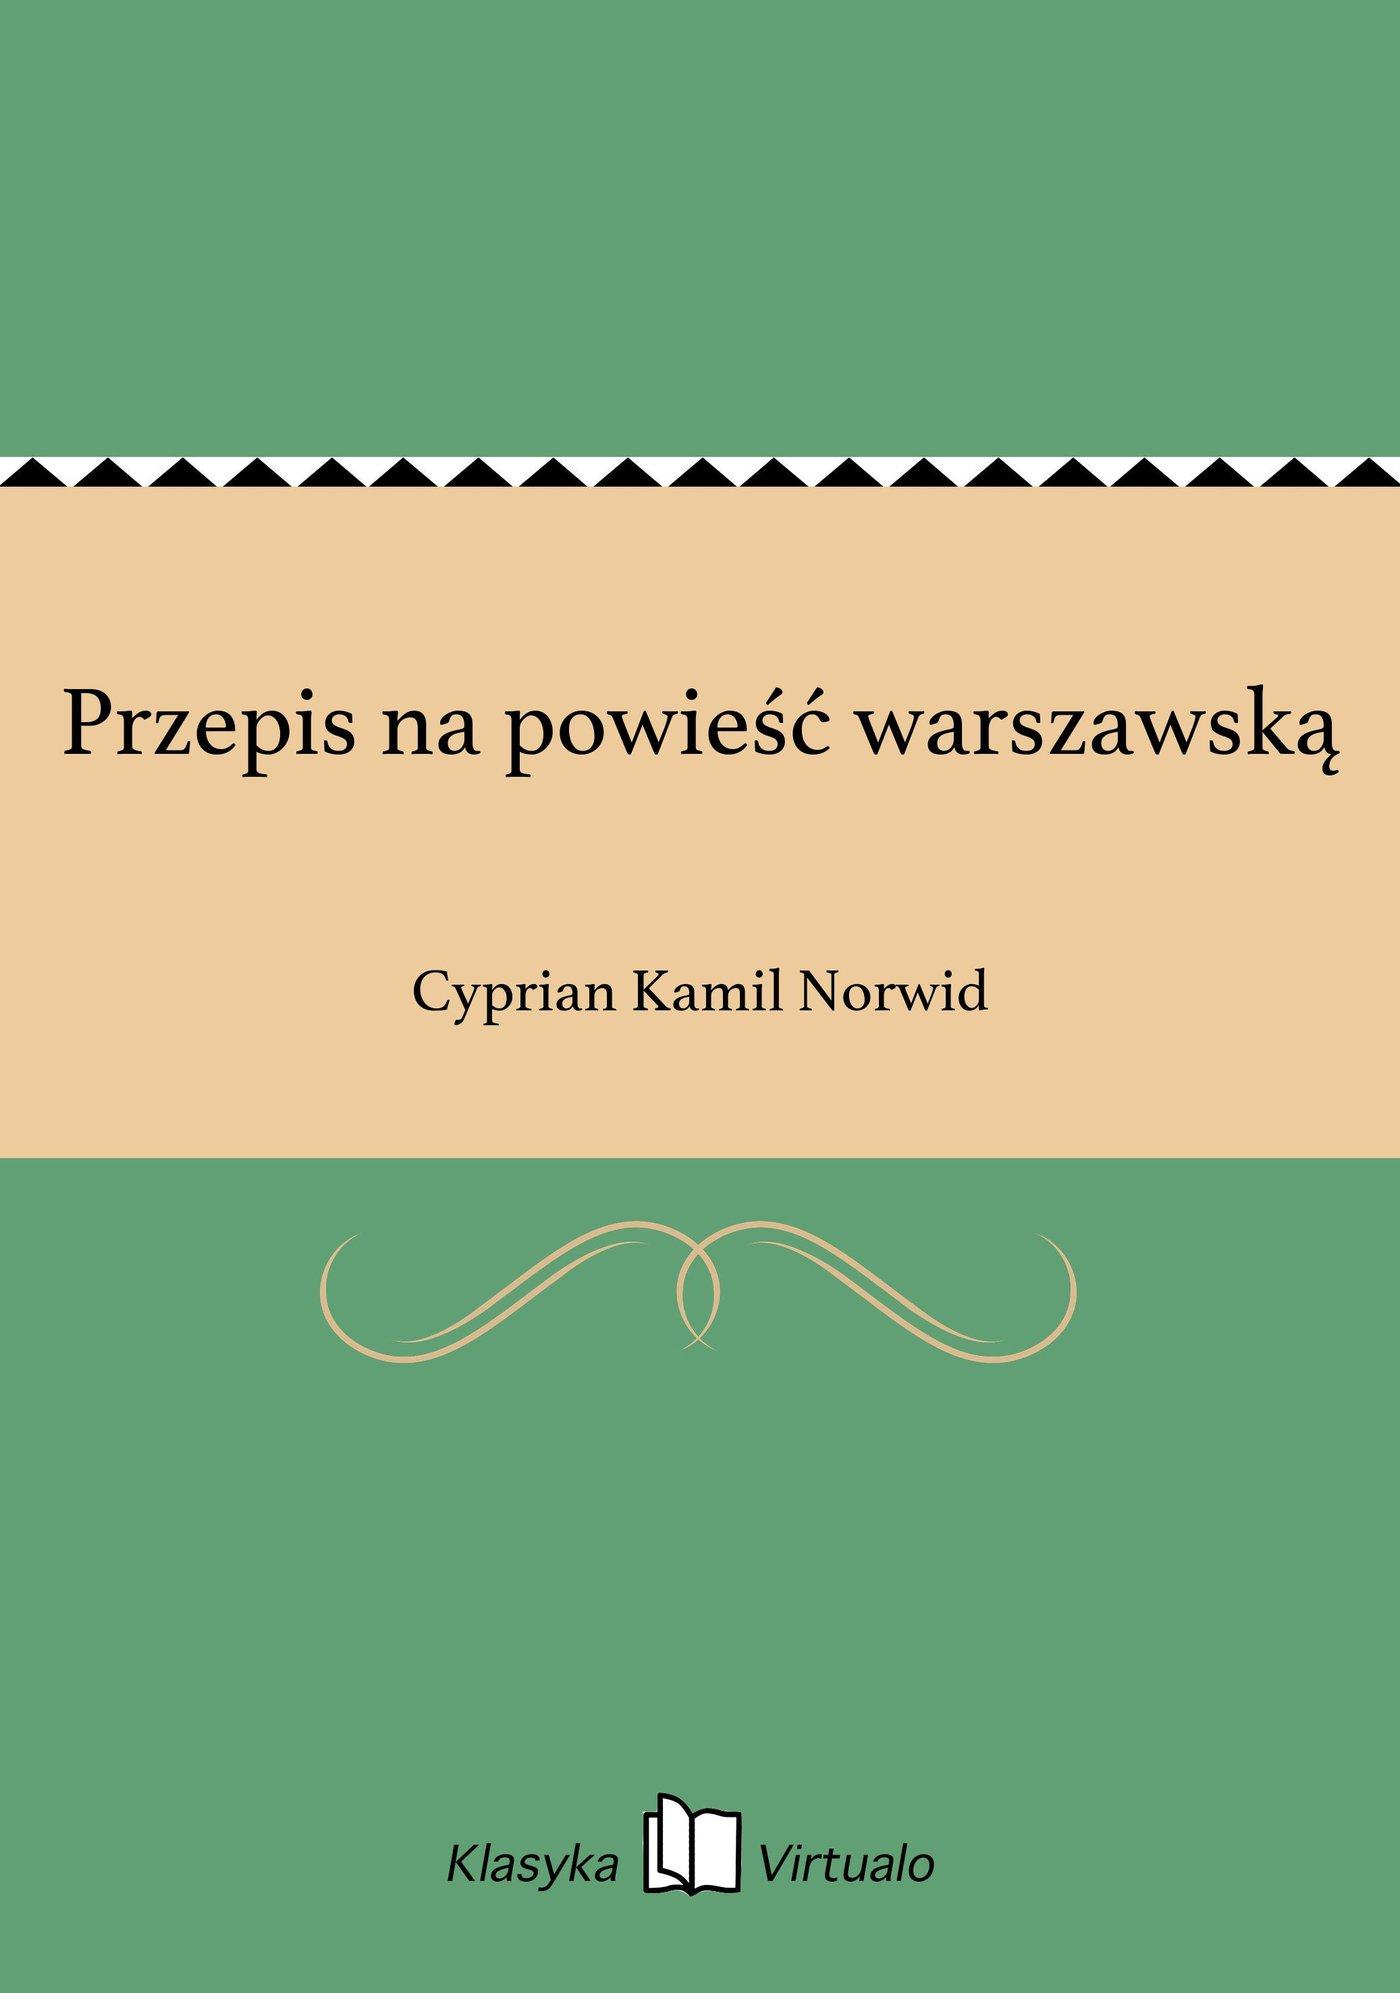 Przepis na powieść warszawską - Ebook (Książka EPUB) do pobrania w formacie EPUB